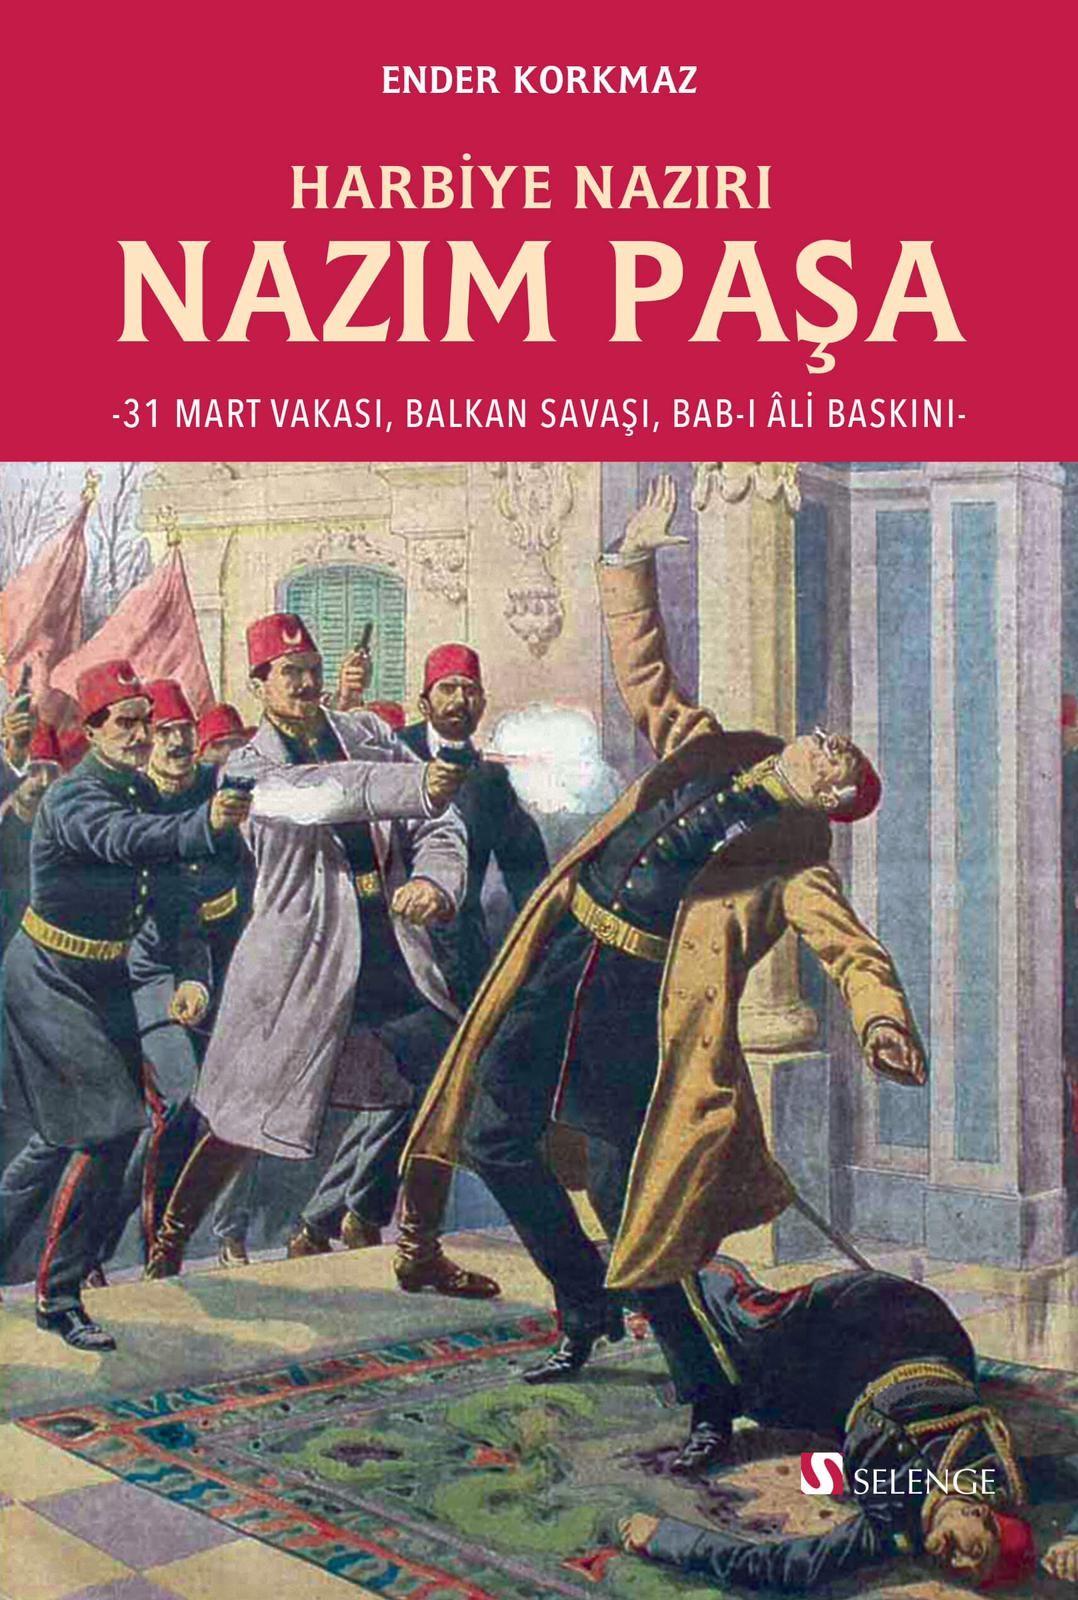 Harbiye Nazırı Nazım Paşa & 31 Mart Vakası, Balkan Savaşı, Bab-ı Âli Baskını